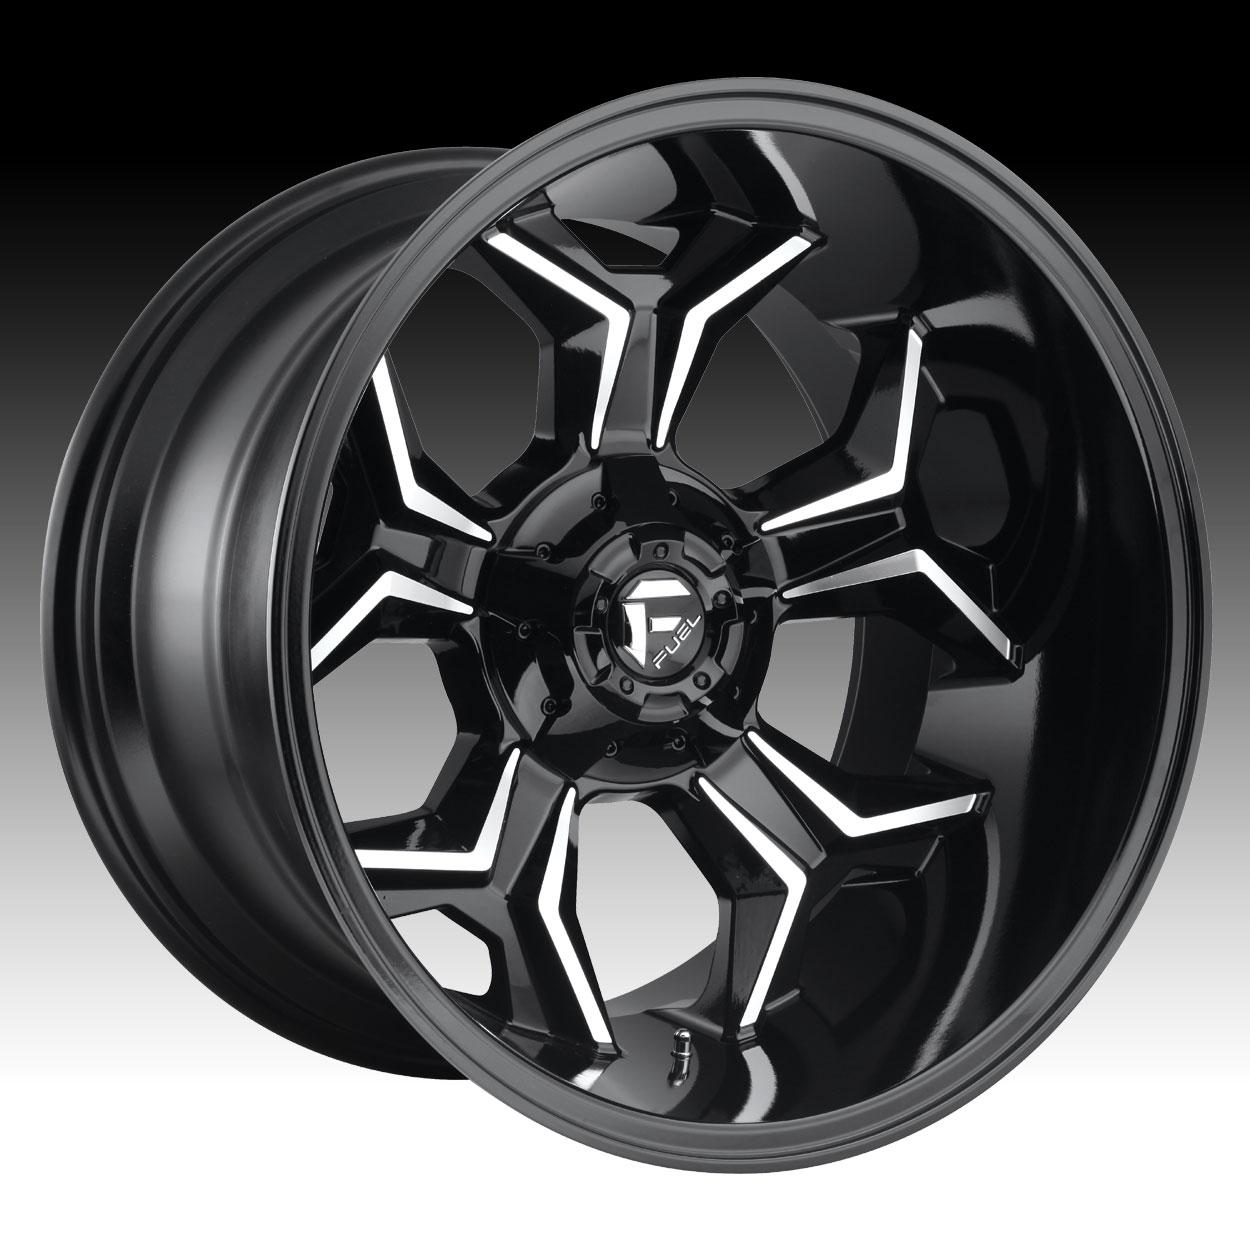 Truck Wheels Rims : Fuel avenger d gloss black milled custom truck wheels